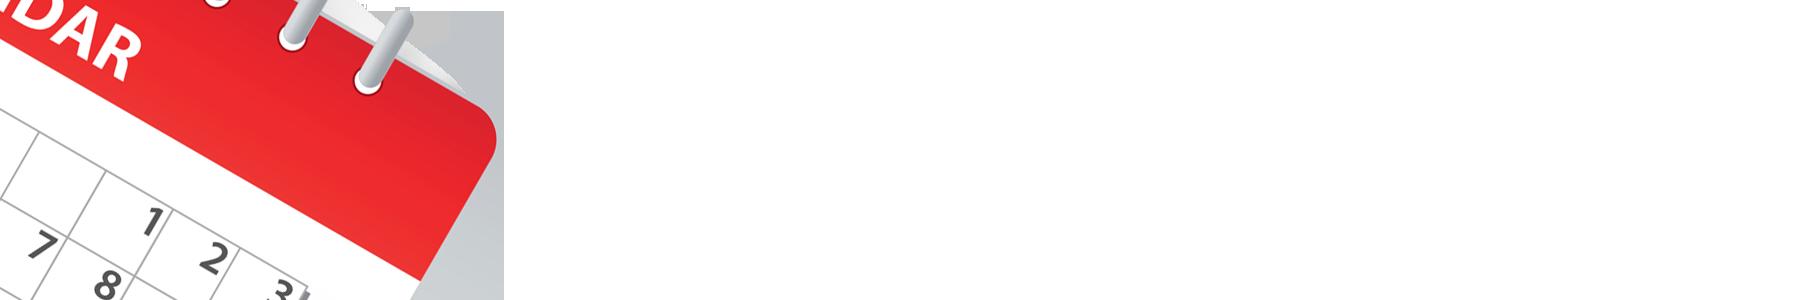 Spelschema